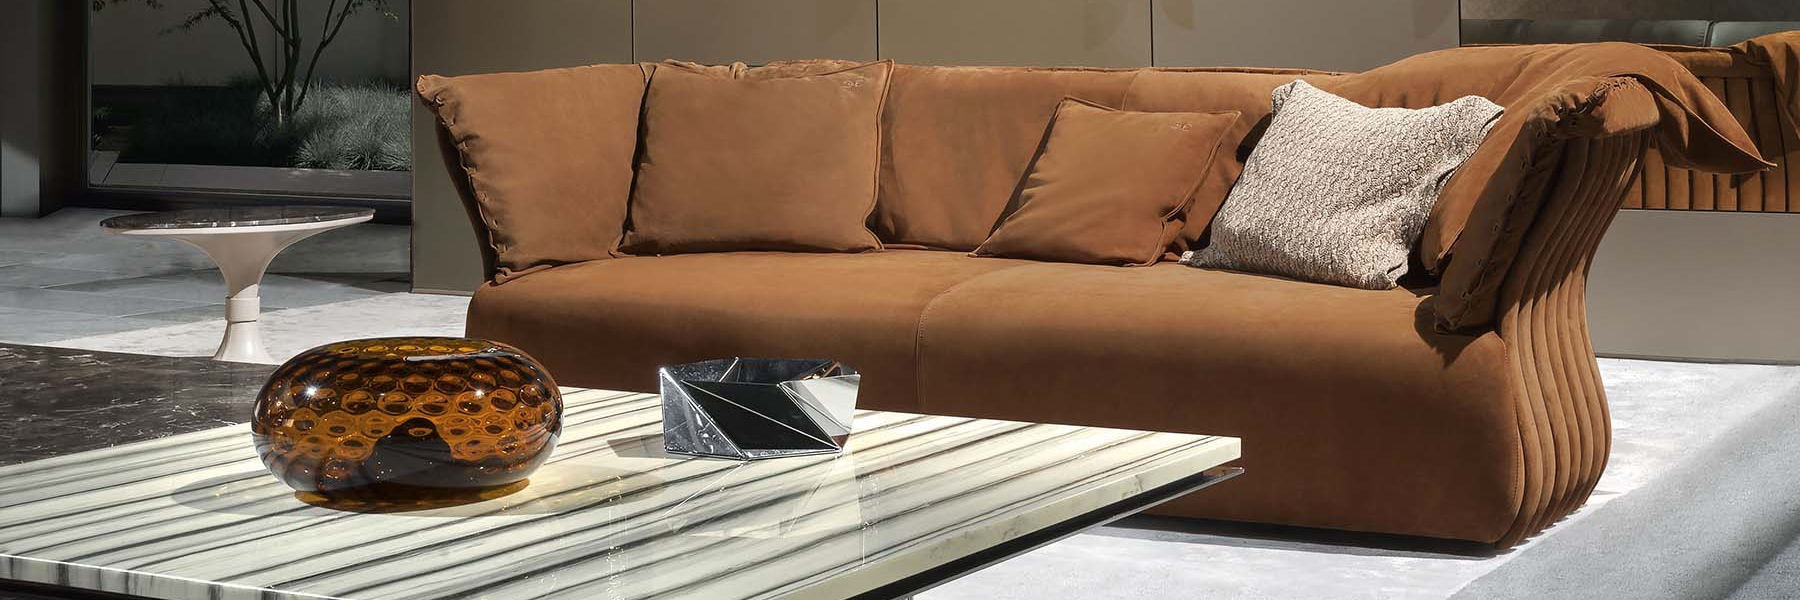 CORNELIO CAPPELLINI: Cannes Sofa